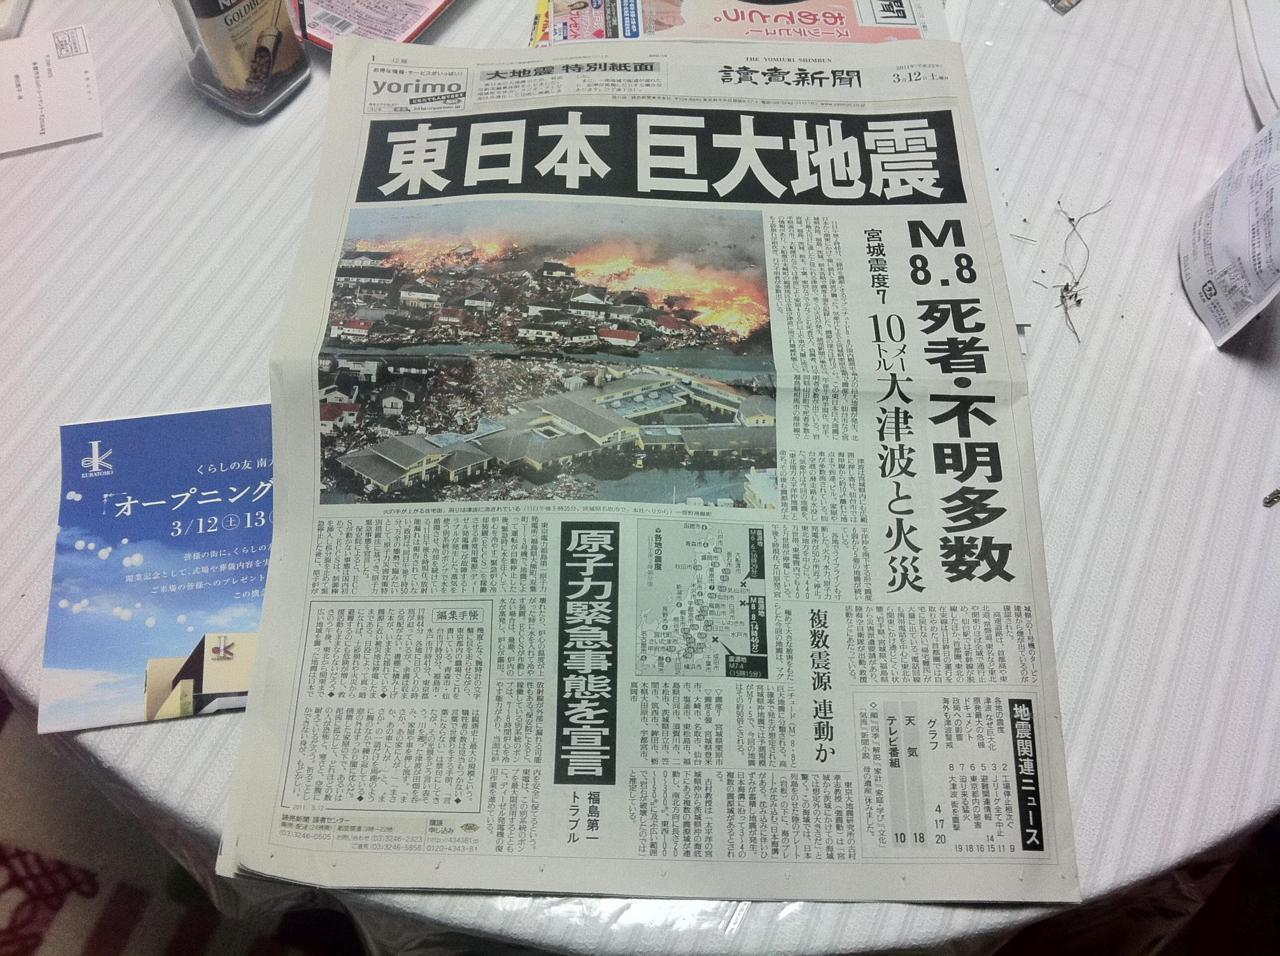 2011/3/12の朝刊